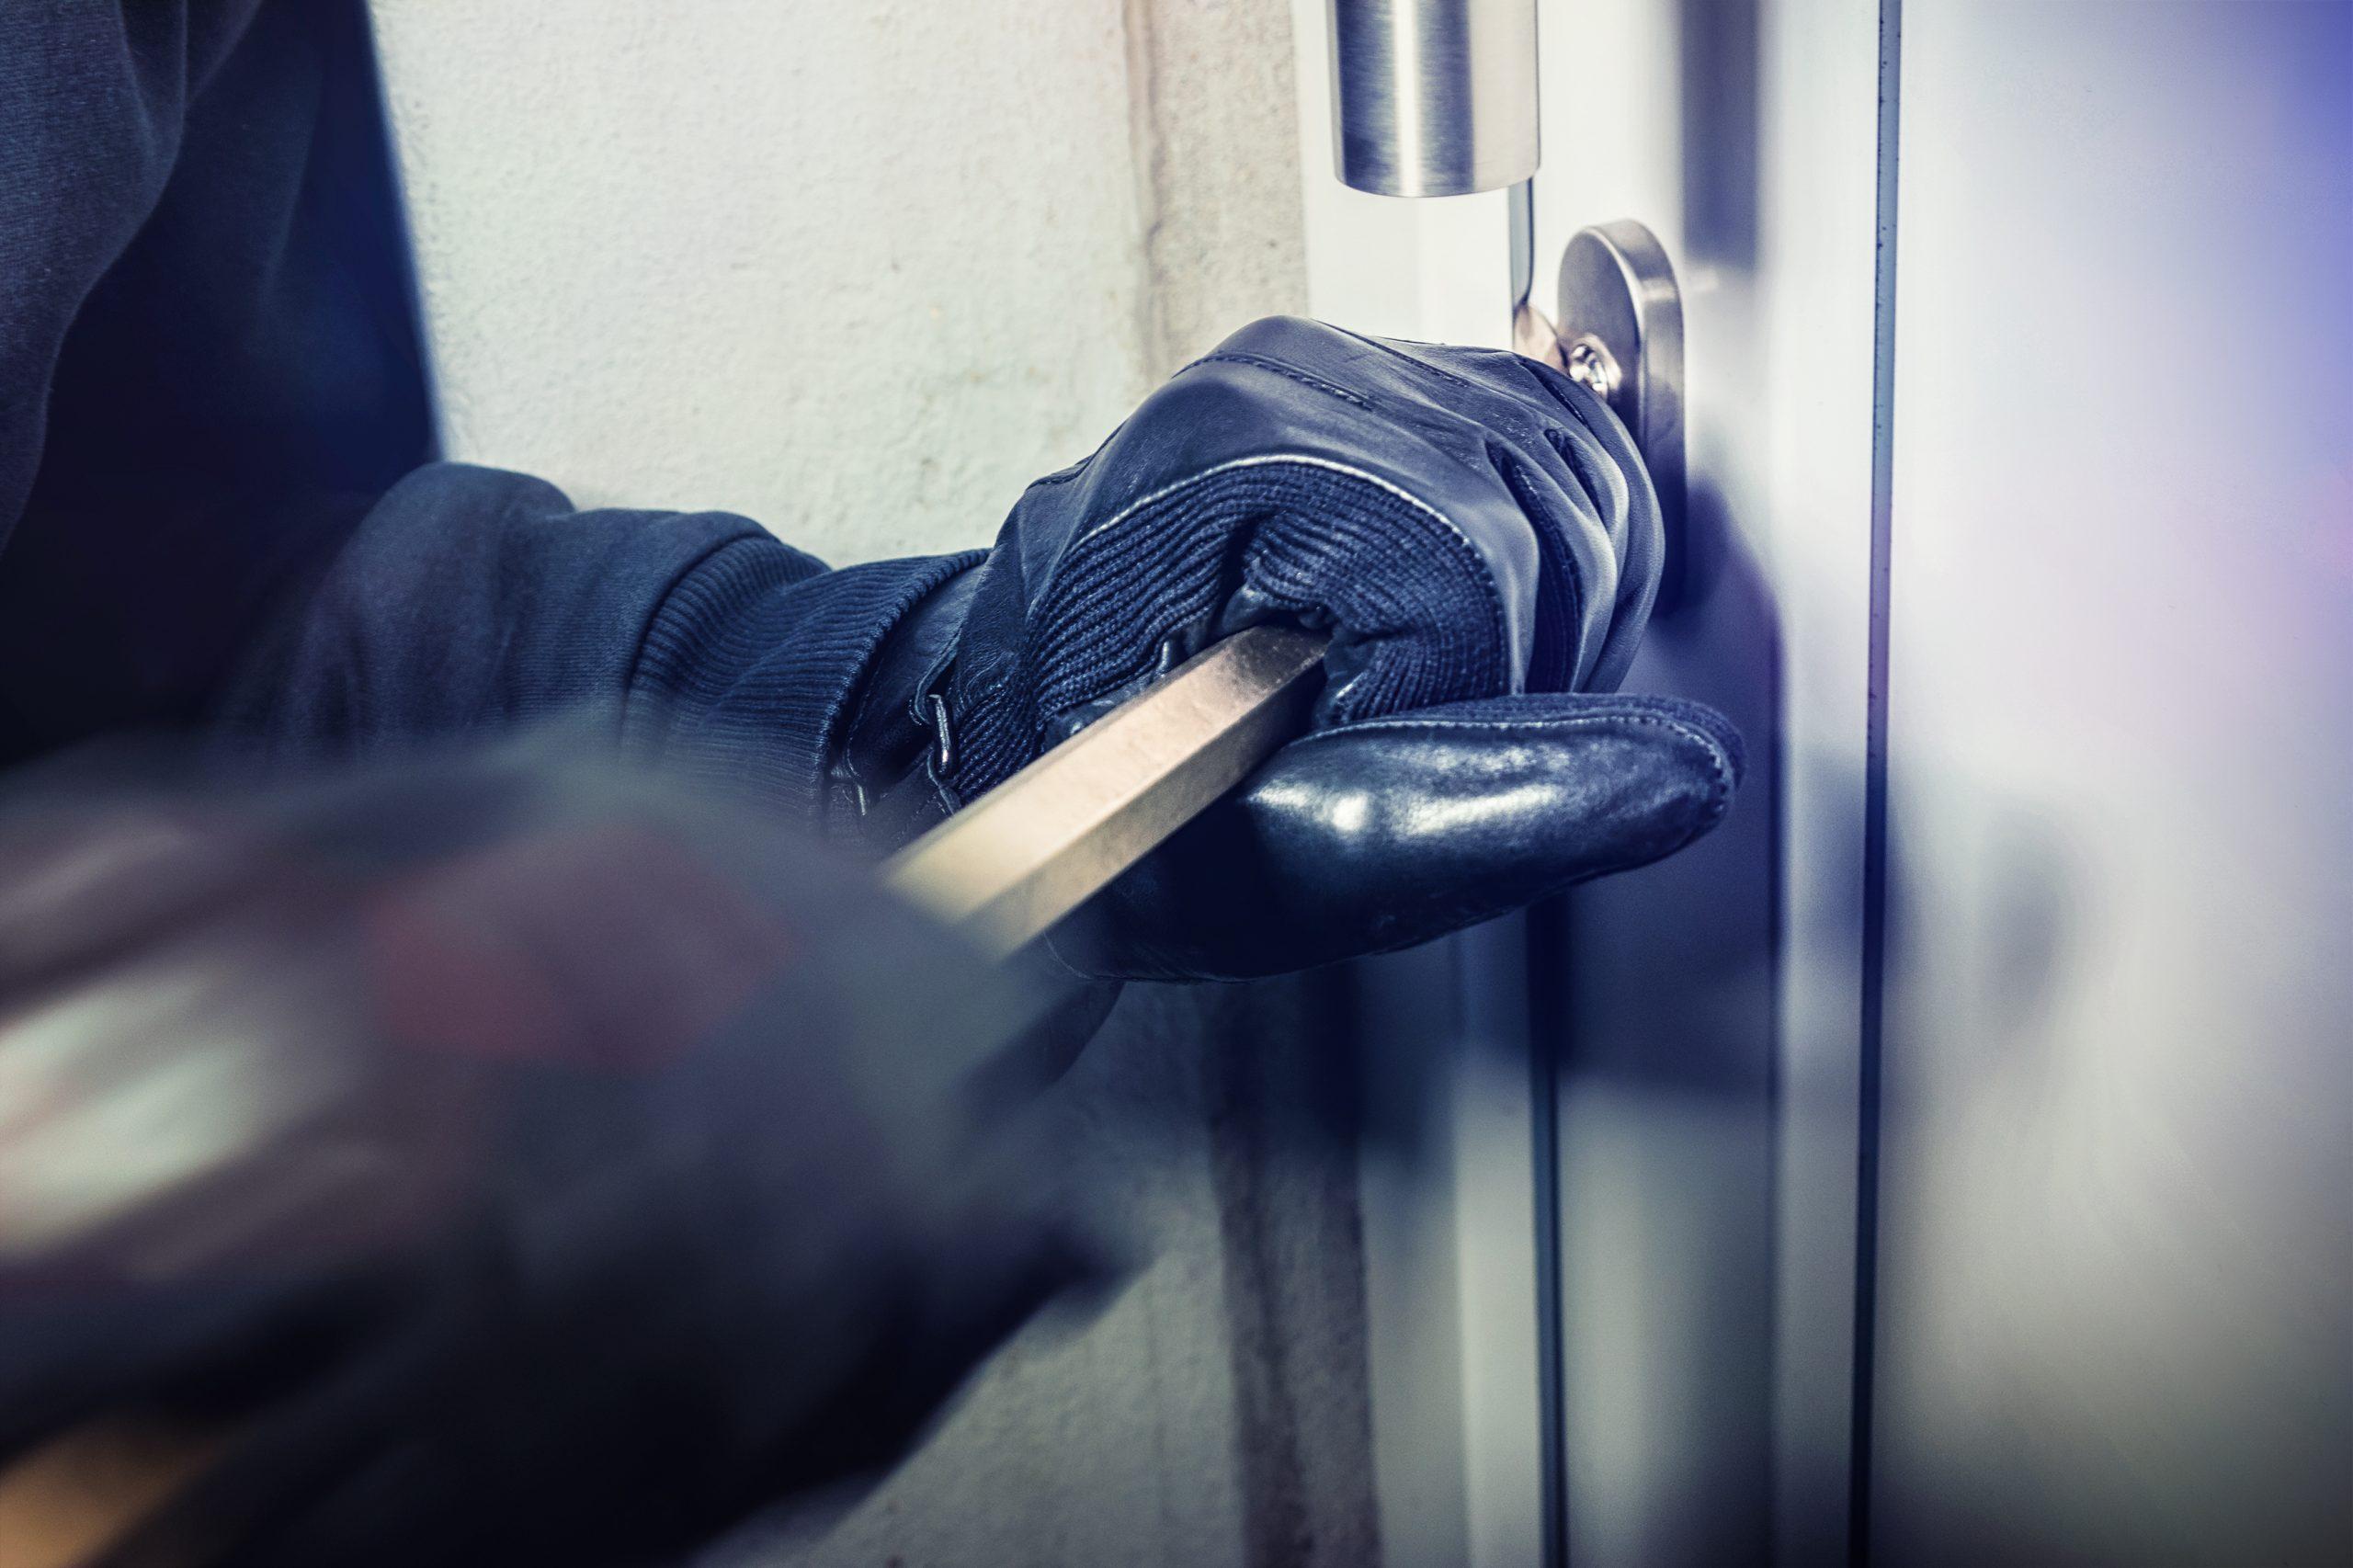 Jak zabezpieczyć dom przed włamaniem? Najlepsze sposoby, które ochronią budynek przed złodziejami